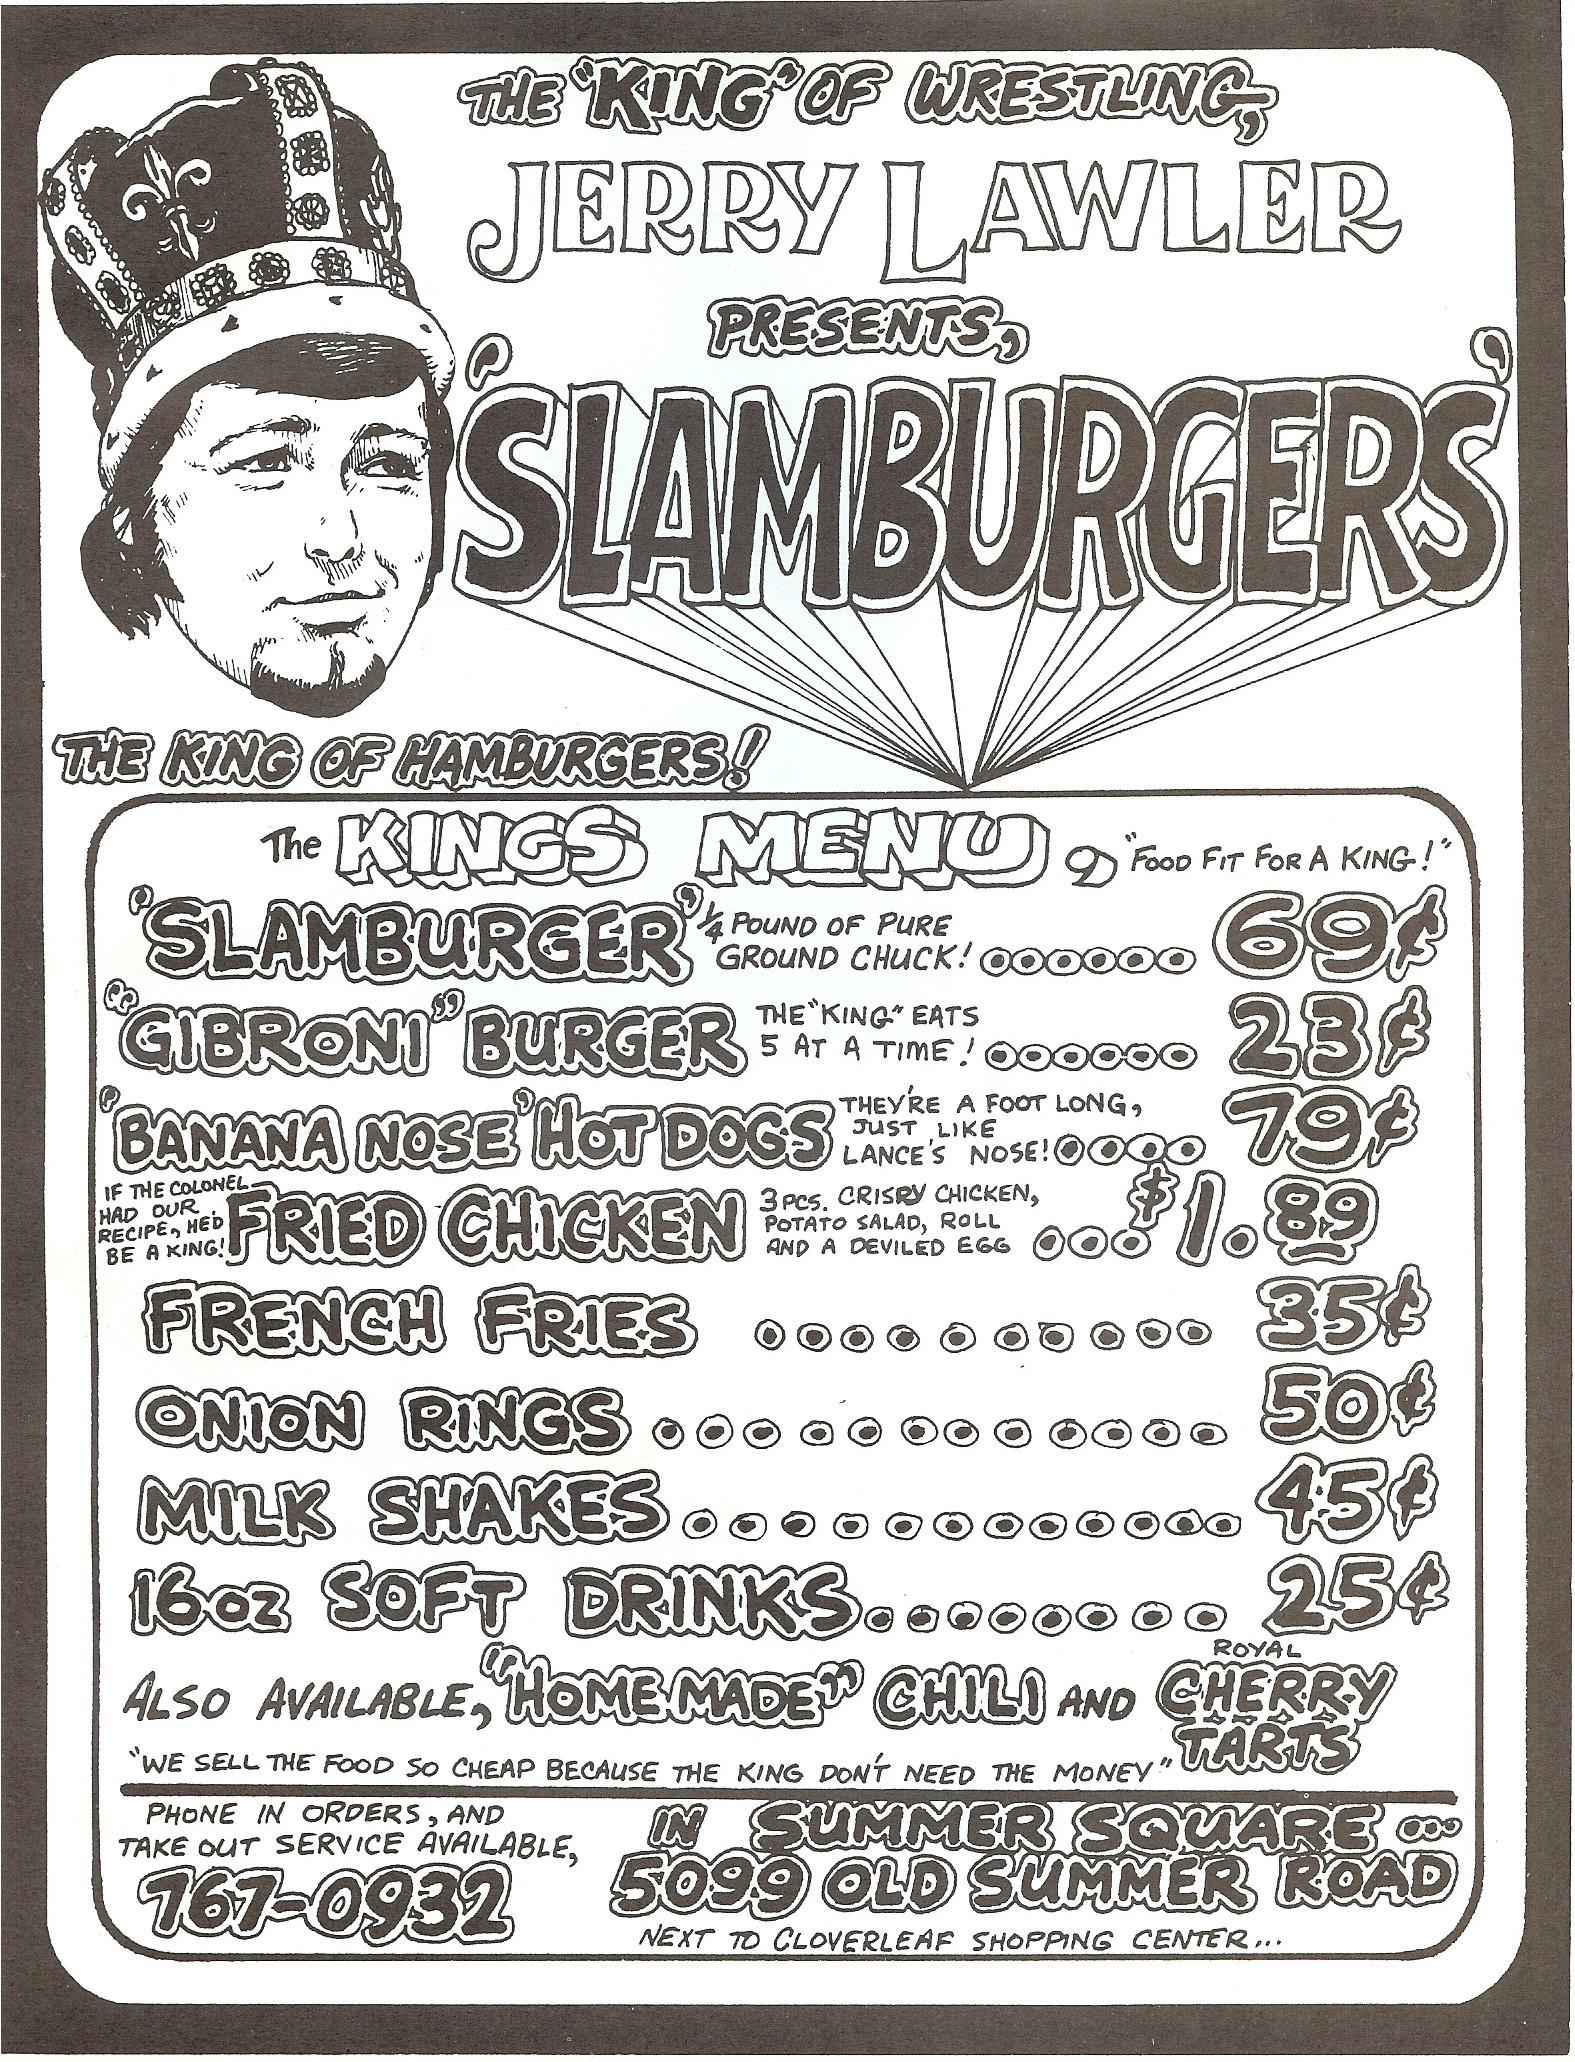 slamburgers2.jpg